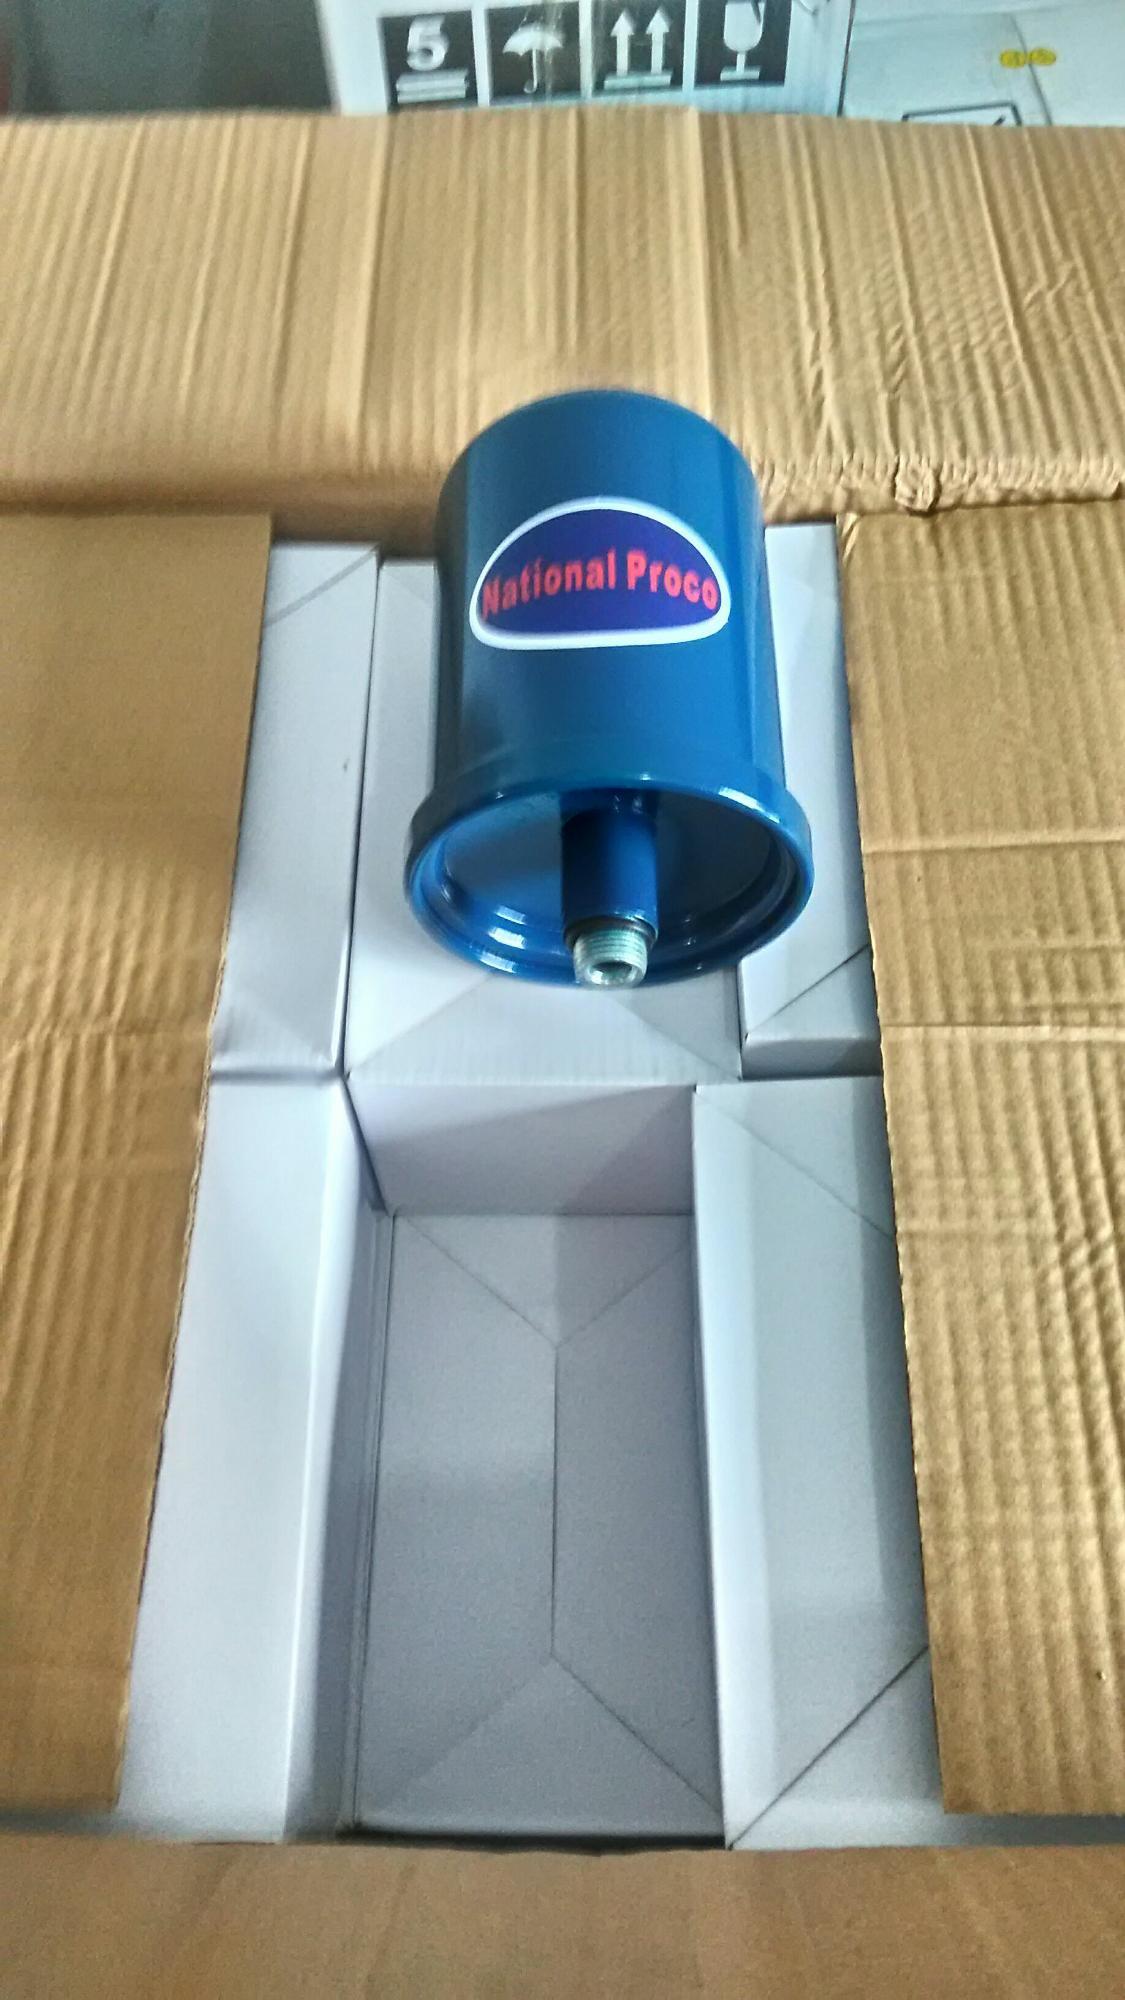 Tabung pompa air besi 2lt shimizu sanyo national wasser